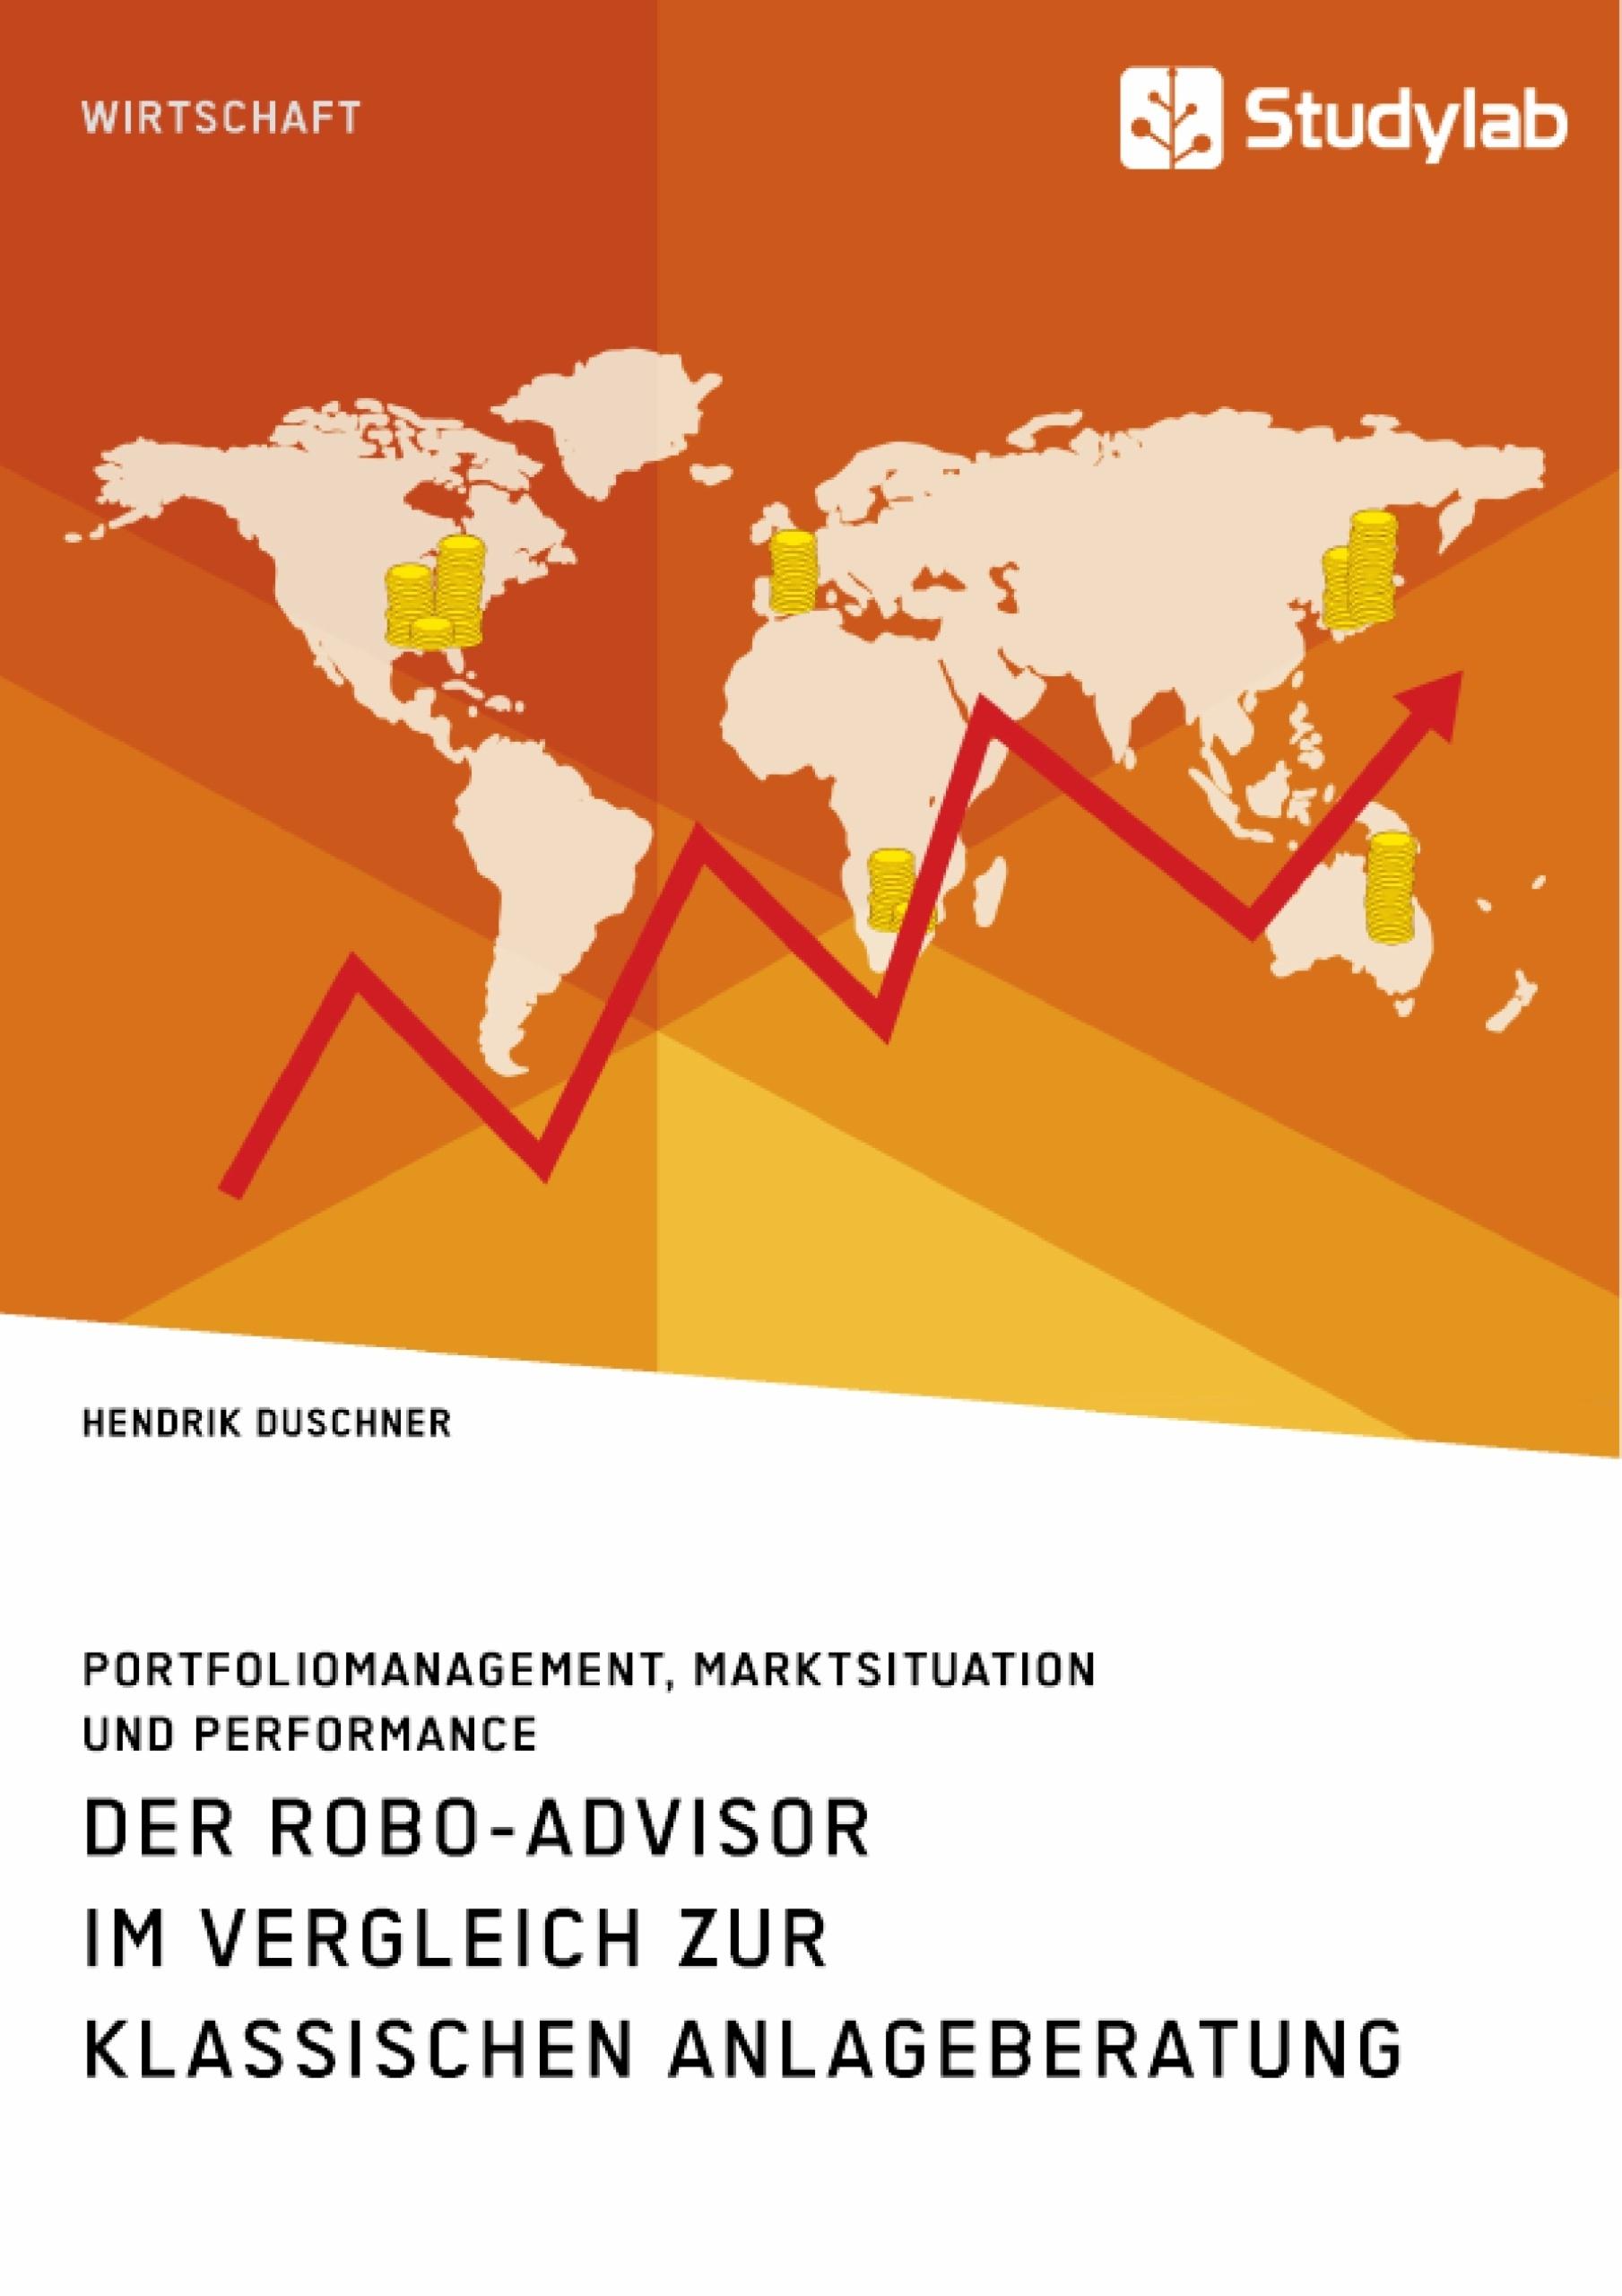 Titel: Der Robo-Advisor im Vergleich zur klassischen Anlageberatung. Portfoliomanagement, Marktsituation und Performance